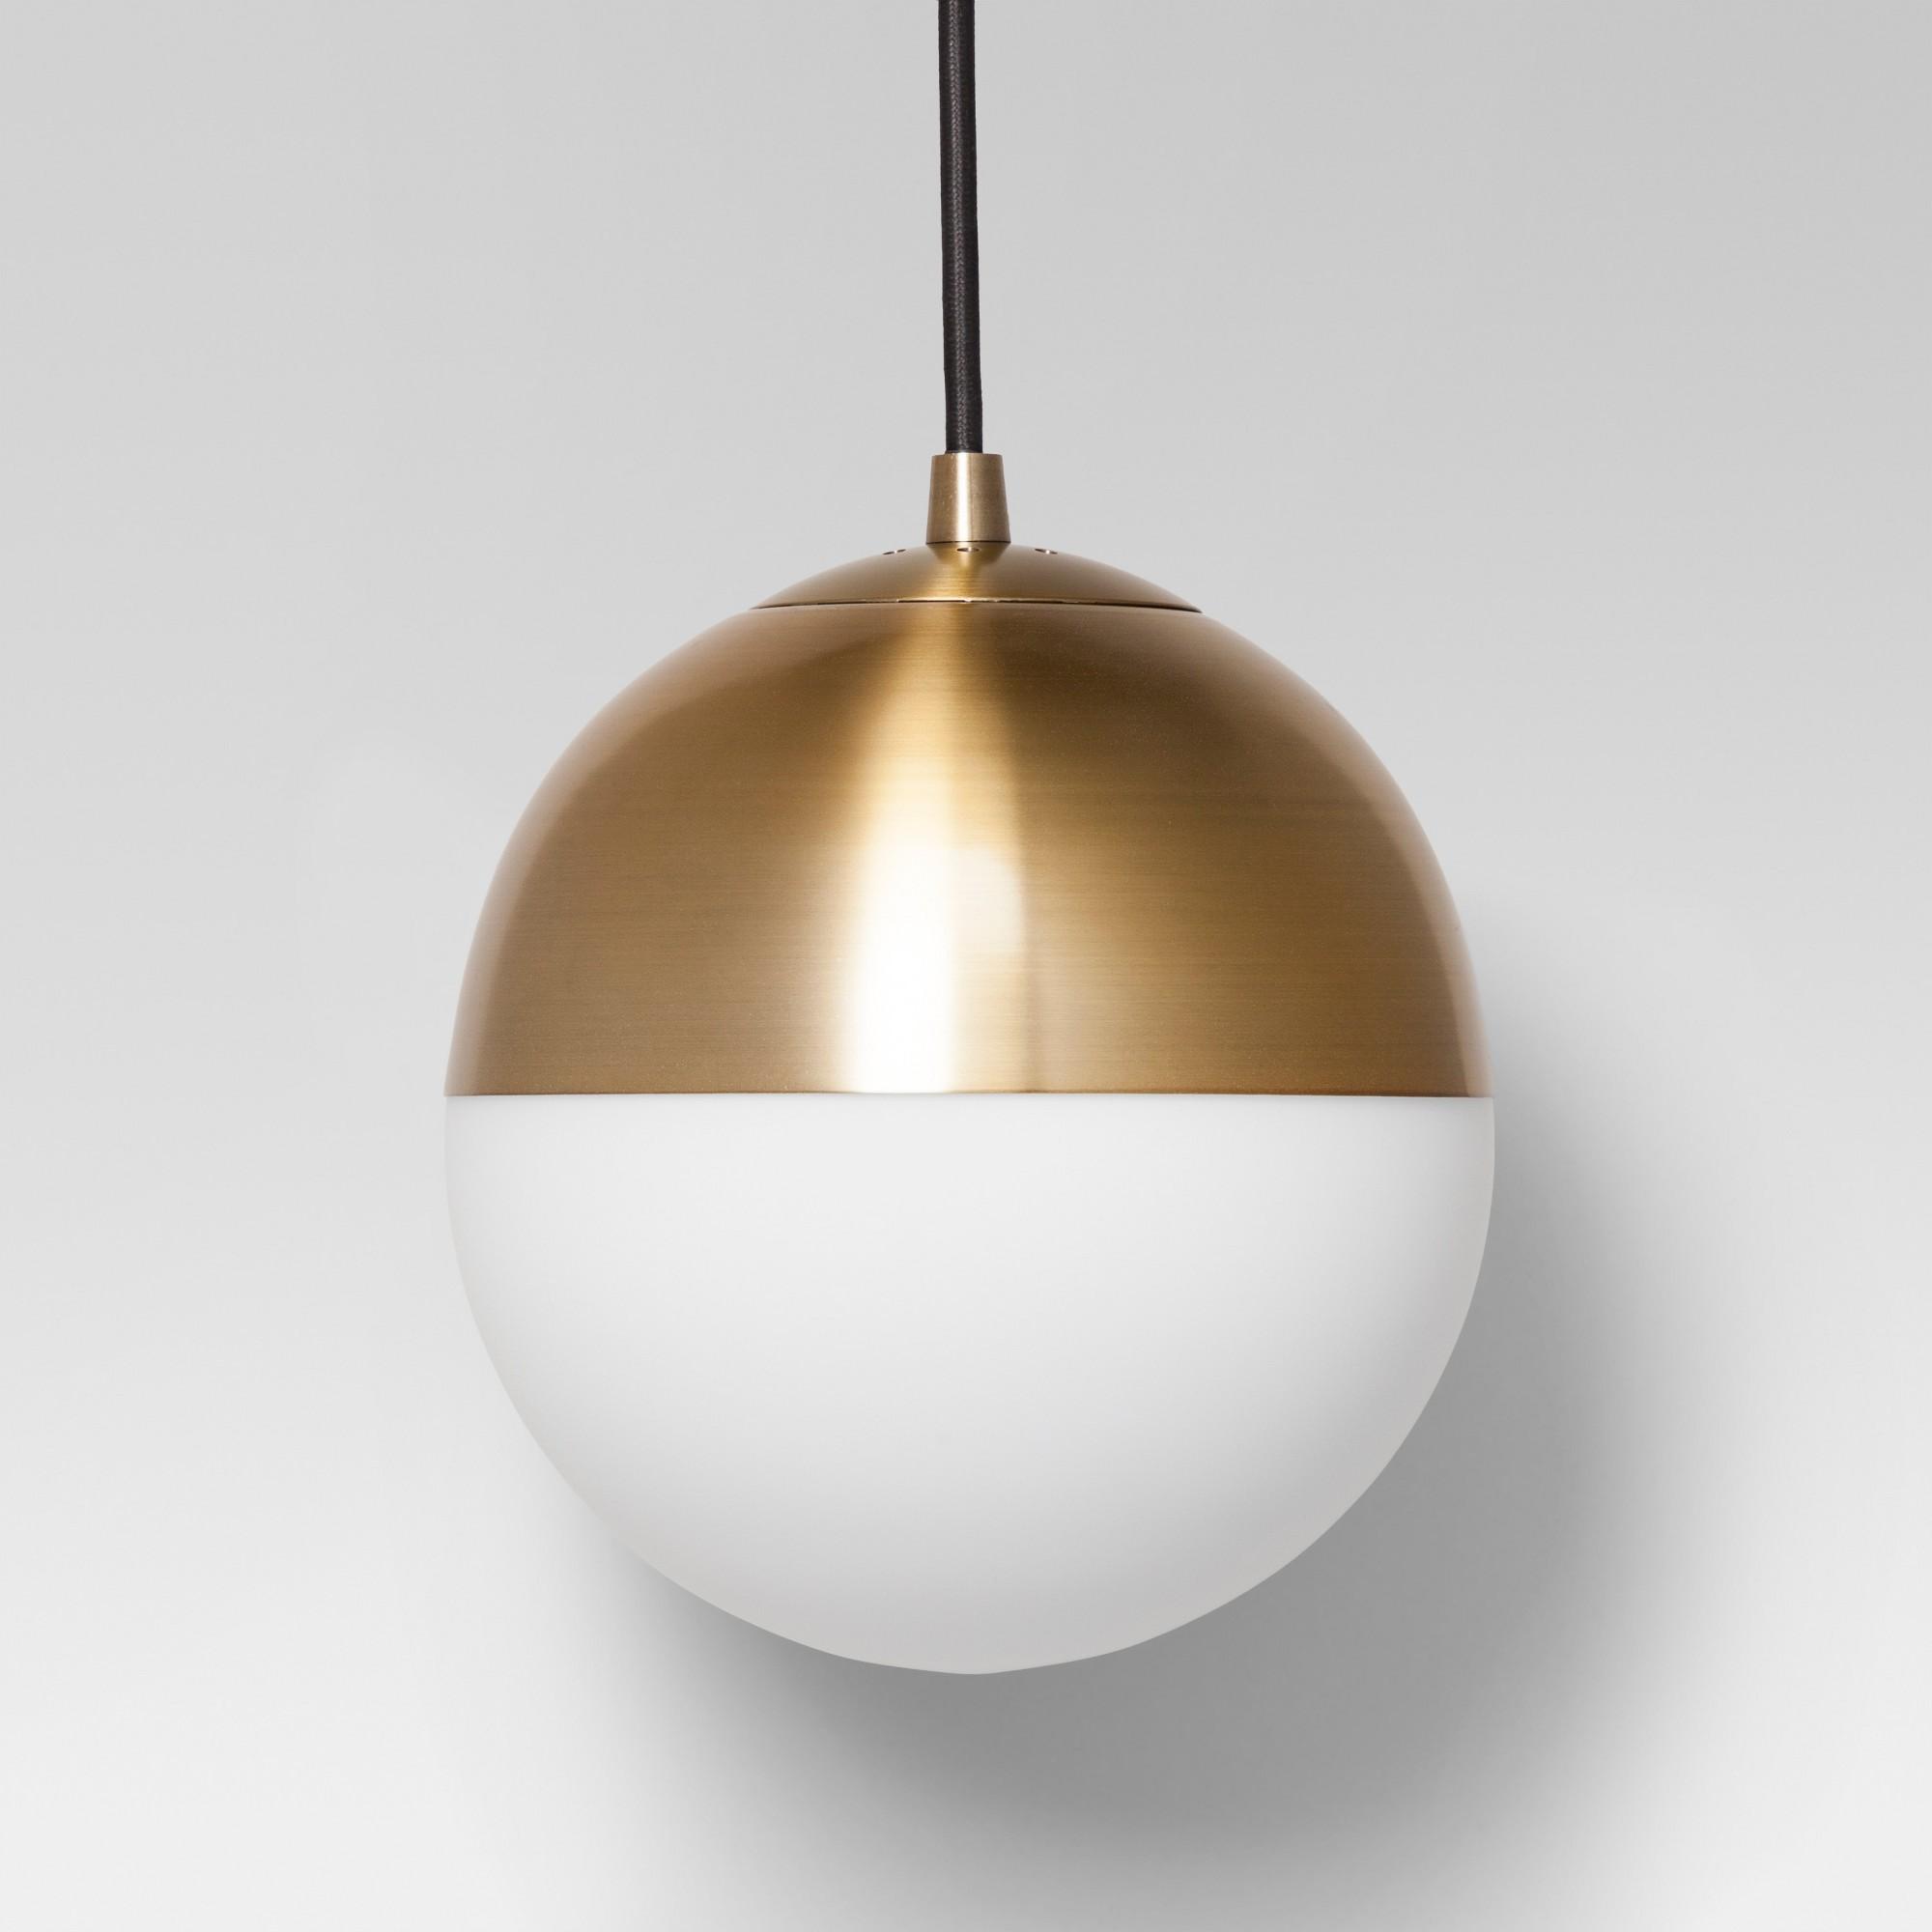 Glass Globe Pendant Ceiling Light Brass Project 62 Ceiling Pendant Lights Glass Globe Pendant Ceiling Lights